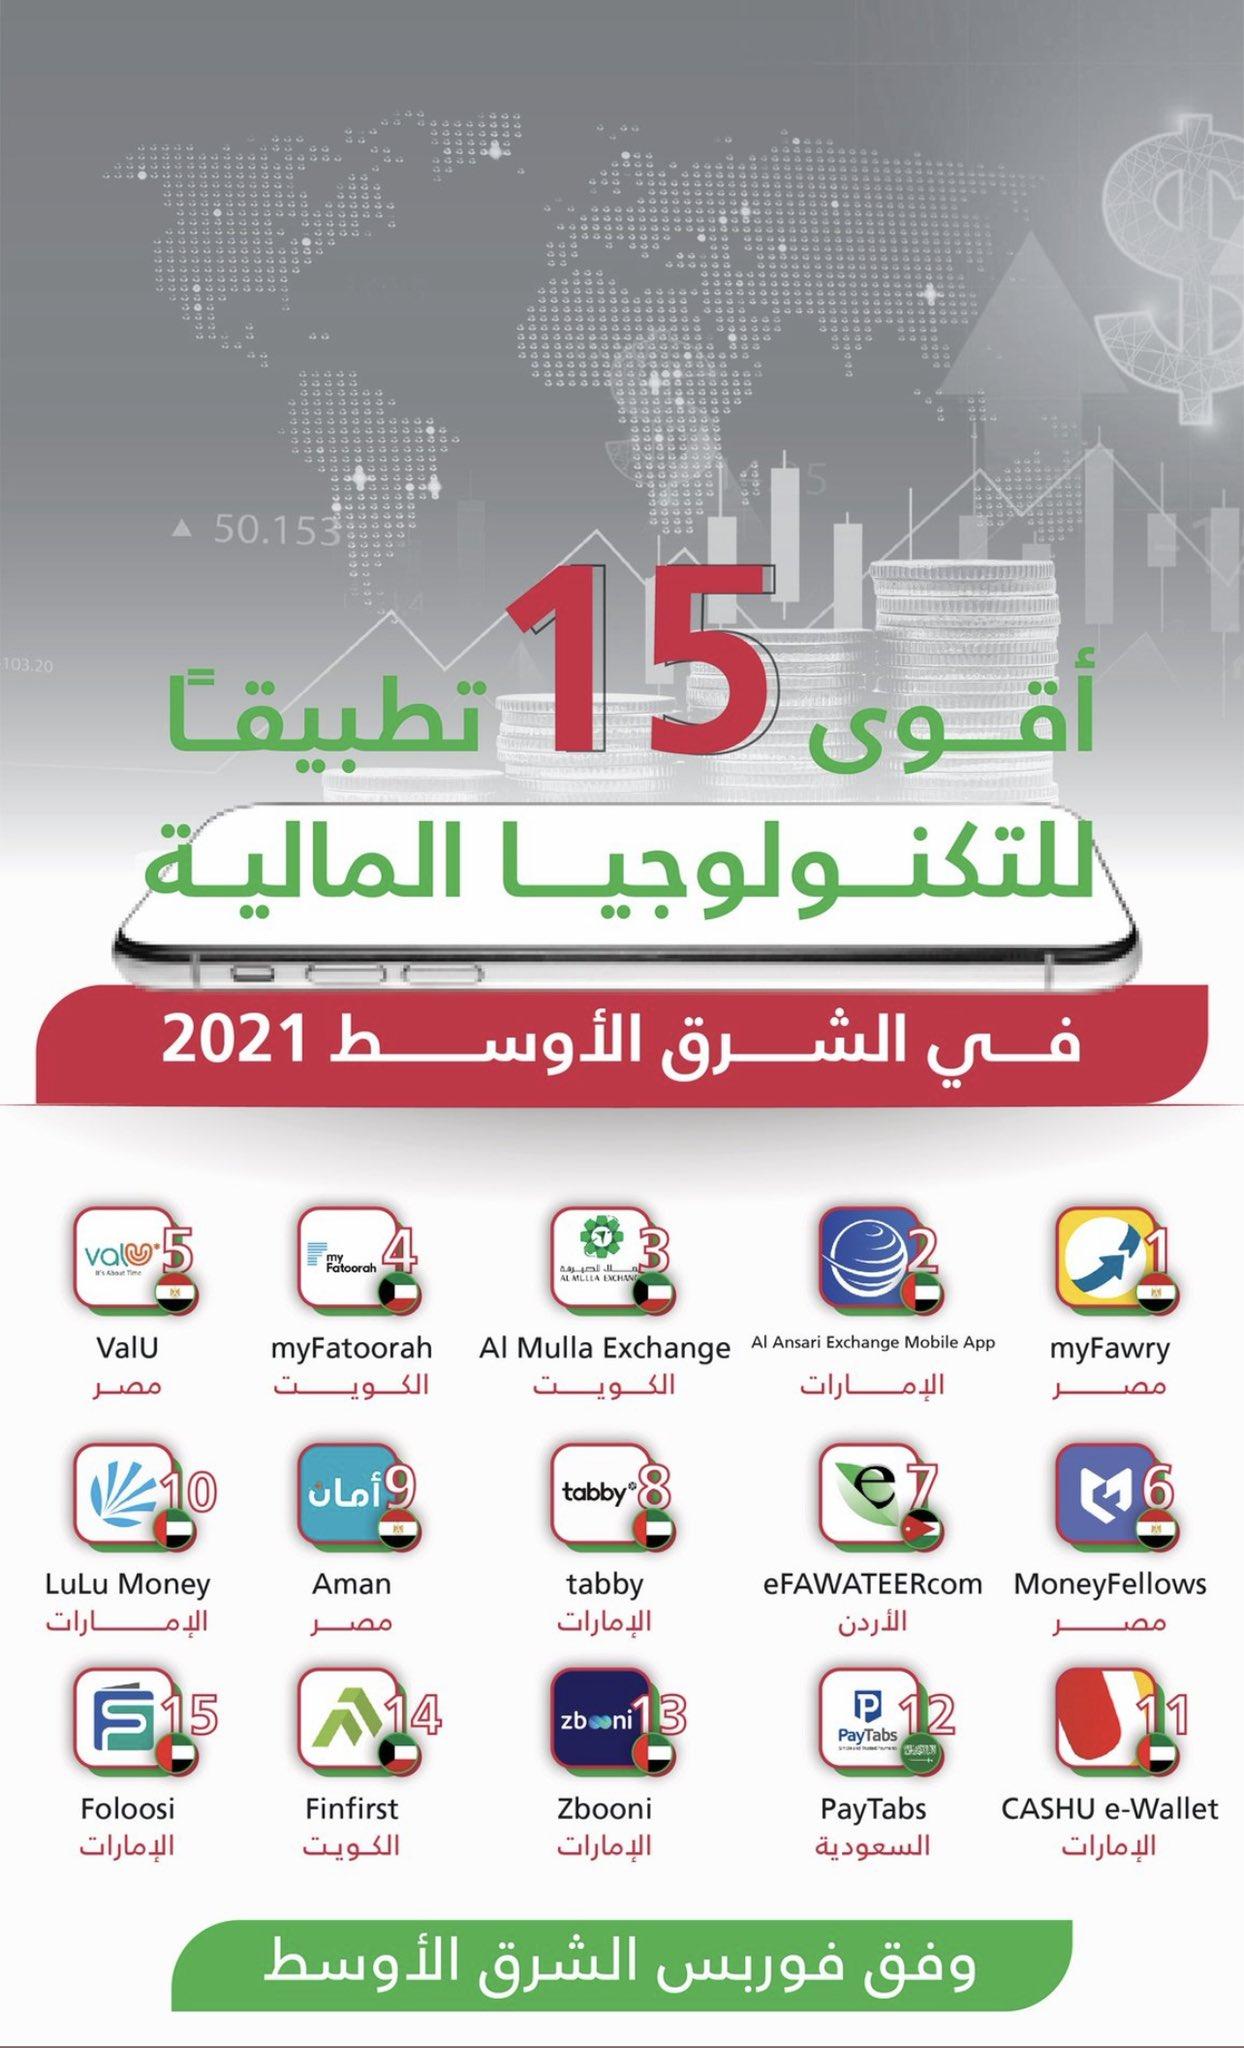 تطبيق ماي فاتوره الكويتي يحتل المركز الثالث في قائمة أقوى 15 تطبيقًا للتكنولوجيا المالية في الشرق الأوسط 2021 الصادر من فوربس